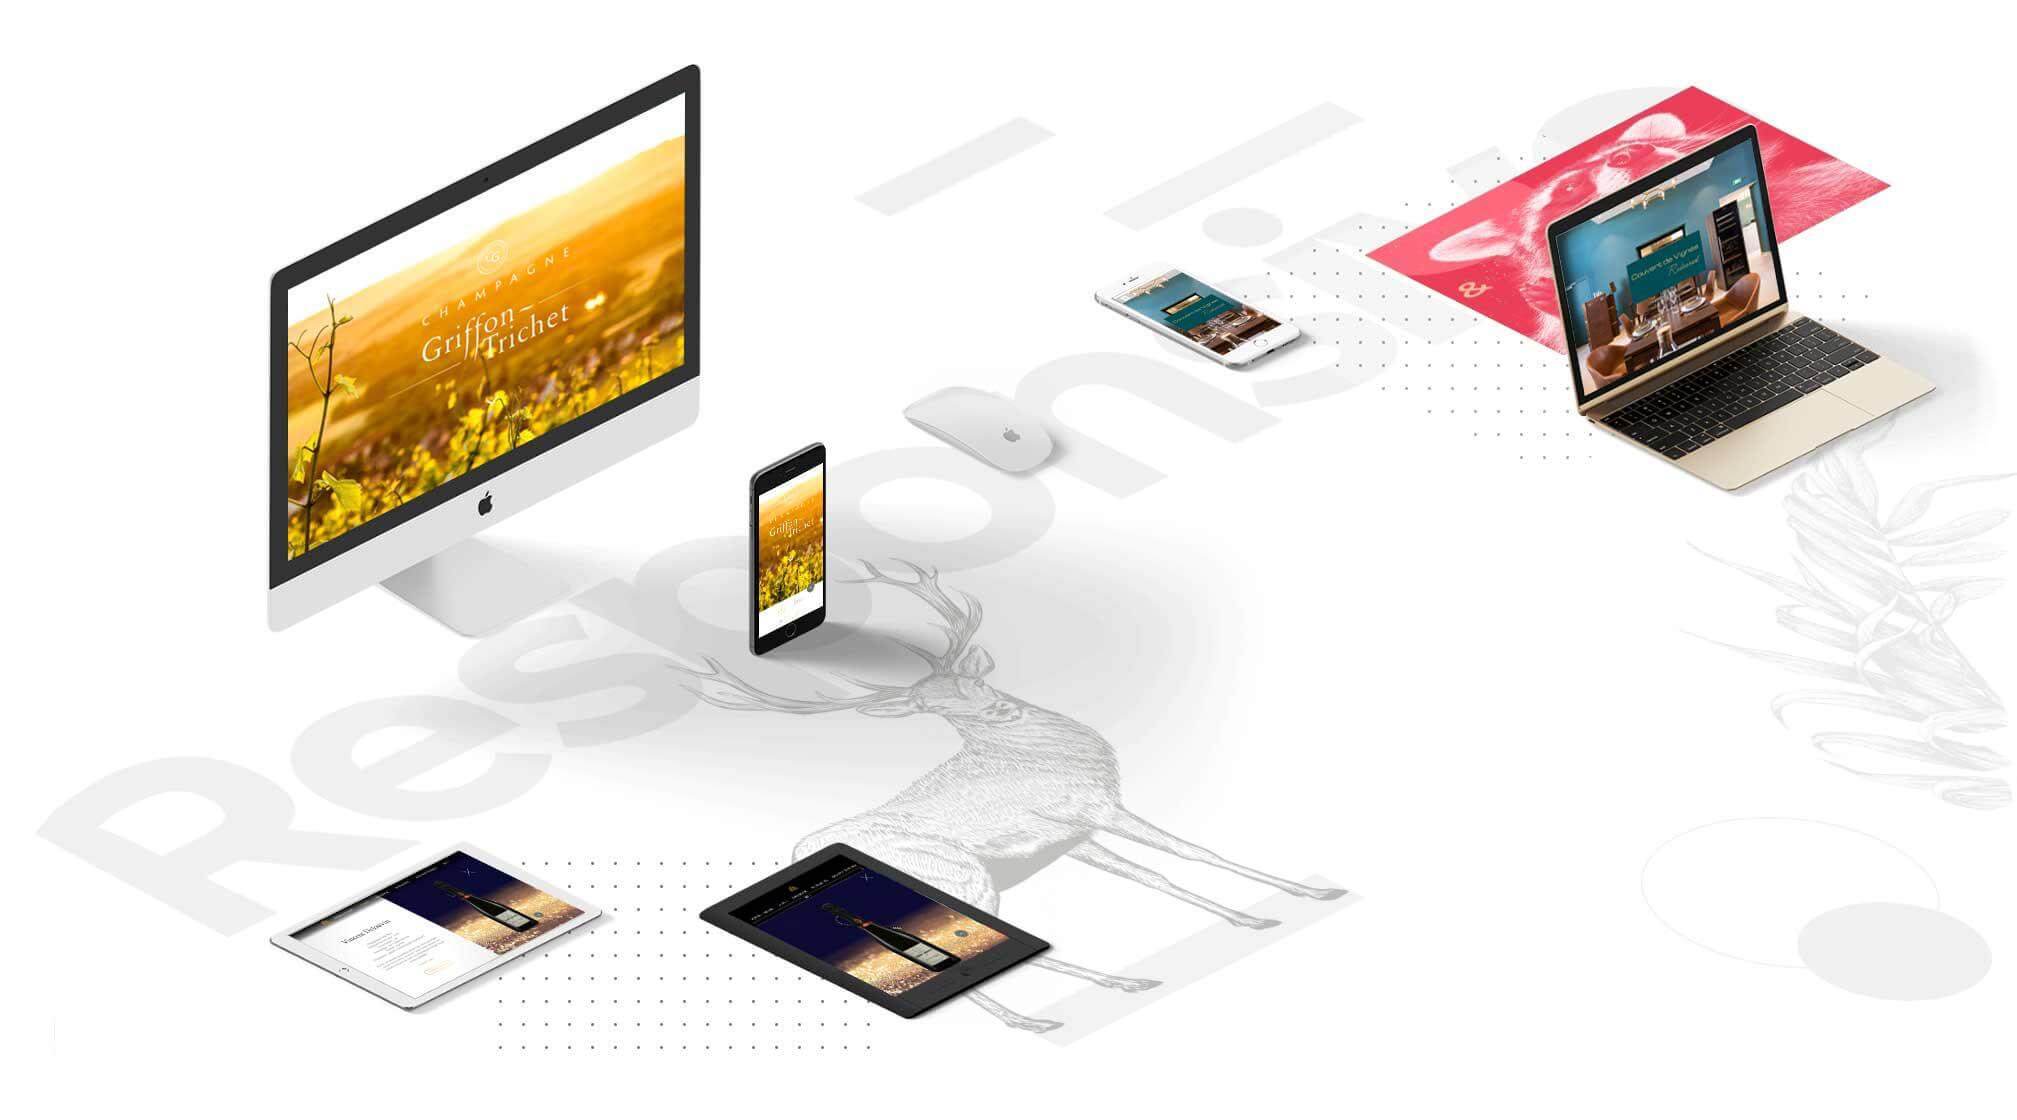 f1dc3bdac9766b48815e517e2e345cfb Création de site Internet à Reims, Epernay, Paris  ⭐️